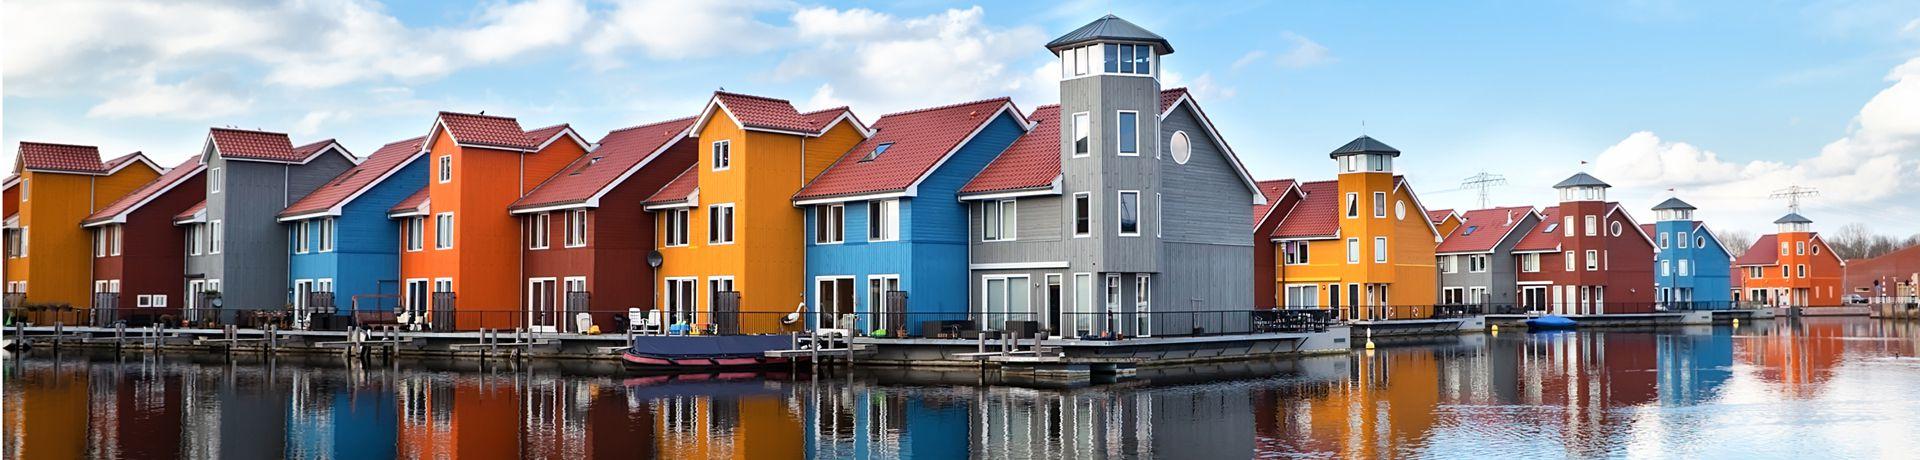 Supertrips - Groningen